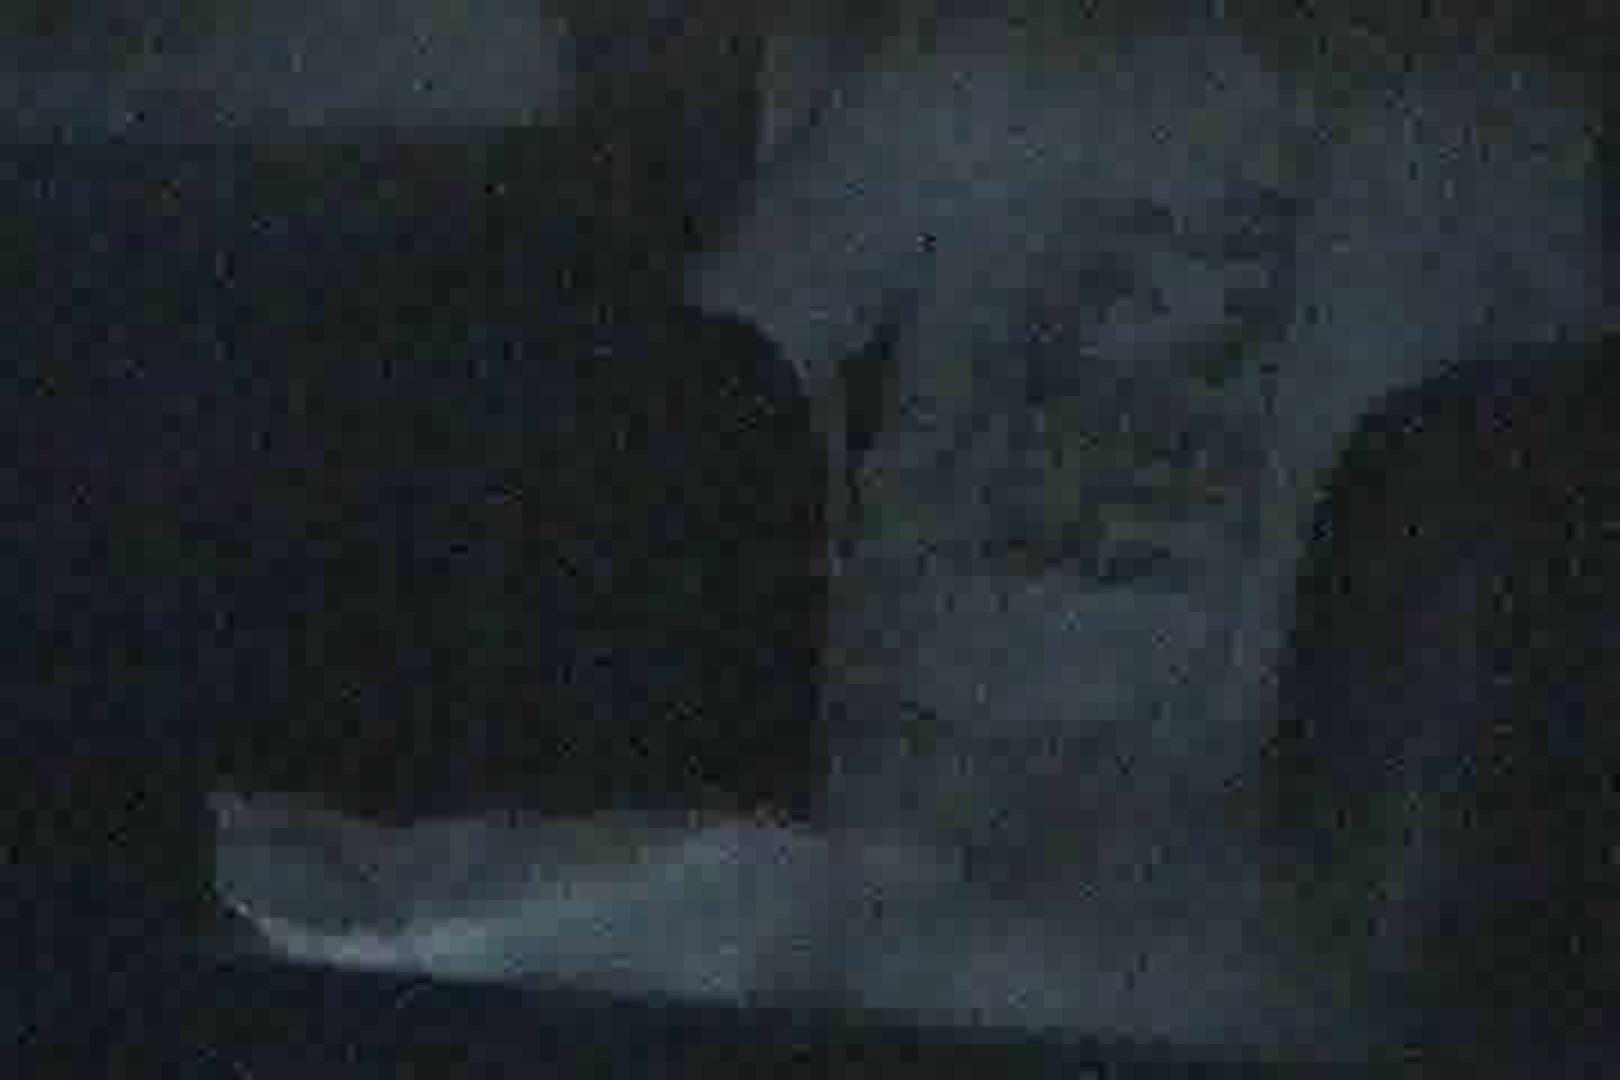 充血監督の深夜の運動会Vol.2 OLセックス  69画像 12